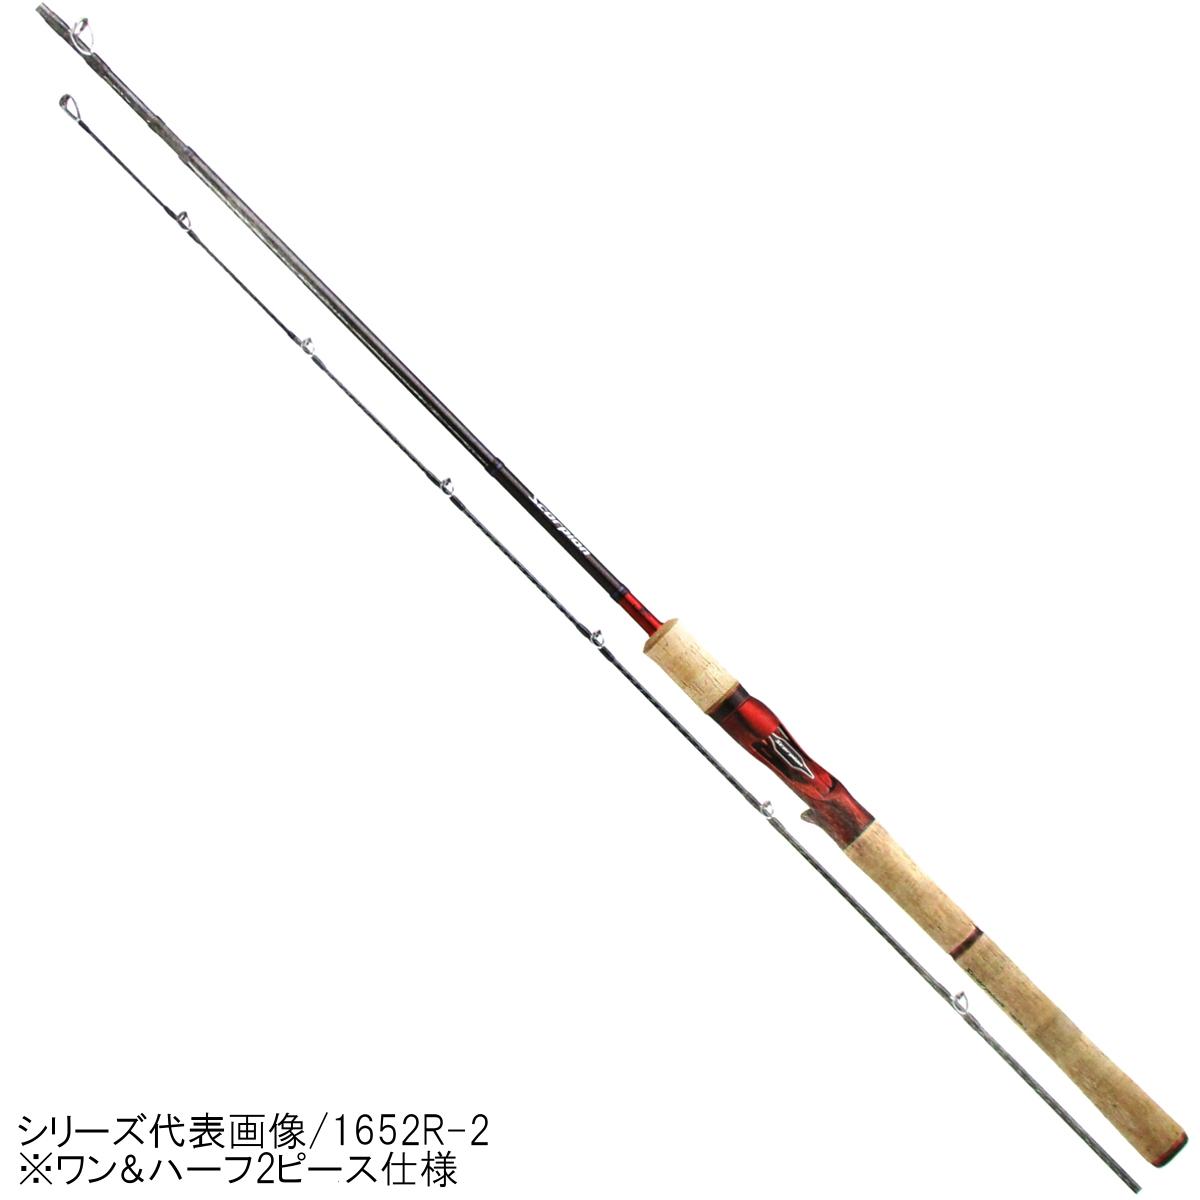 スコーピオン ワン&ハーフ2ピース ベイトキャスティングモデル 1704R-2 シマノ【同梱不可】